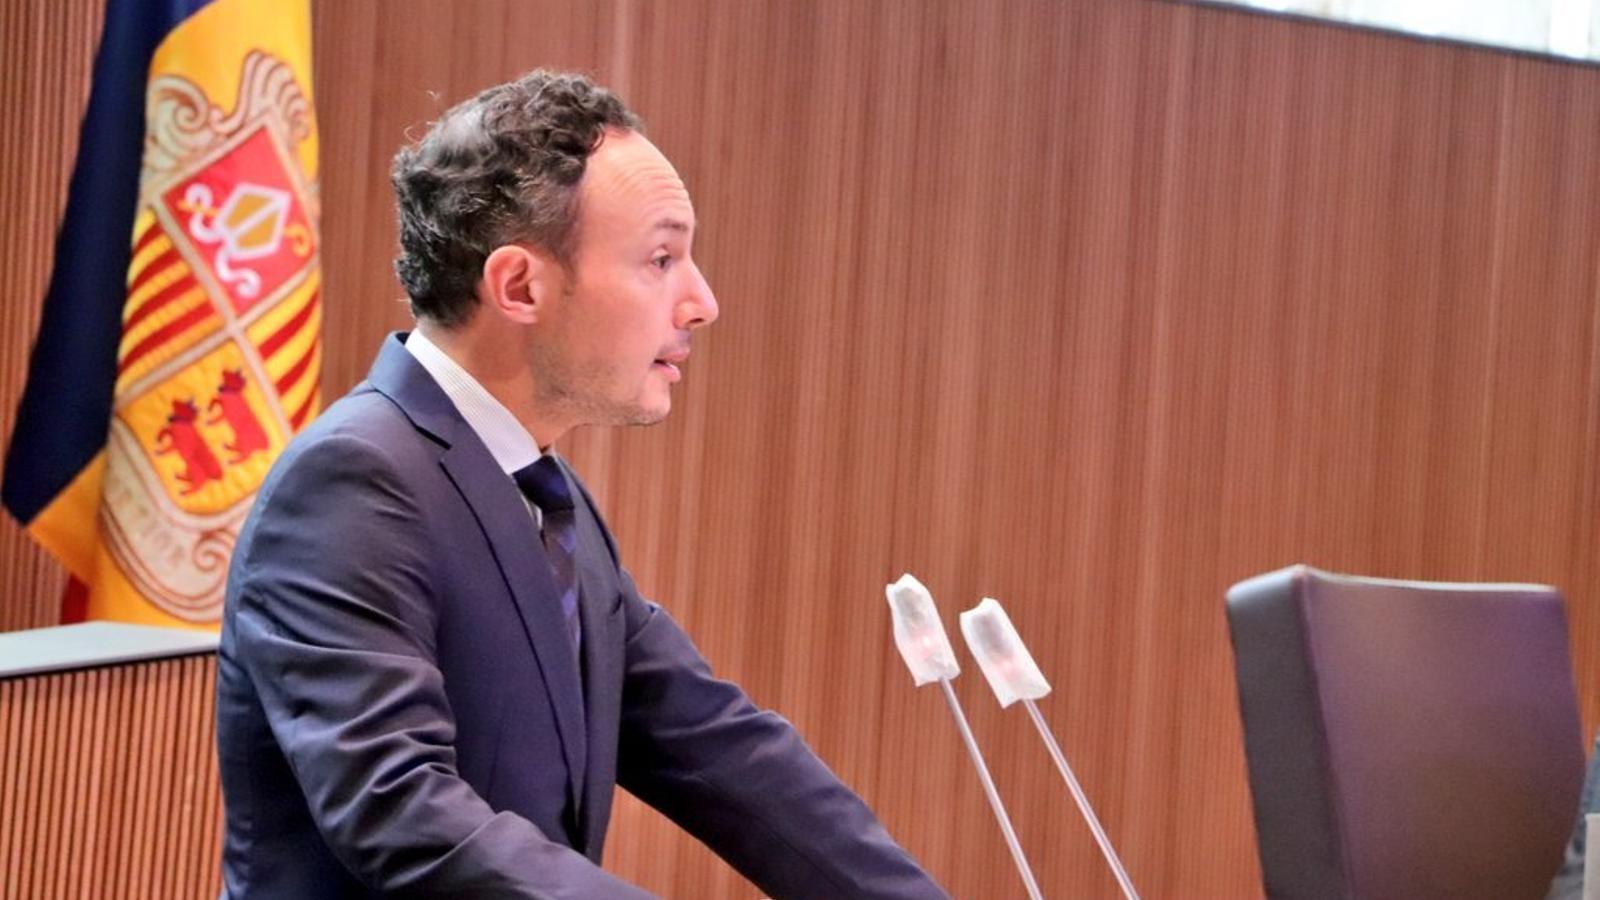 El cap de Govern, Xavier Espot, aquest dimecres al Consell General durant el debat d'orientació política / ATV